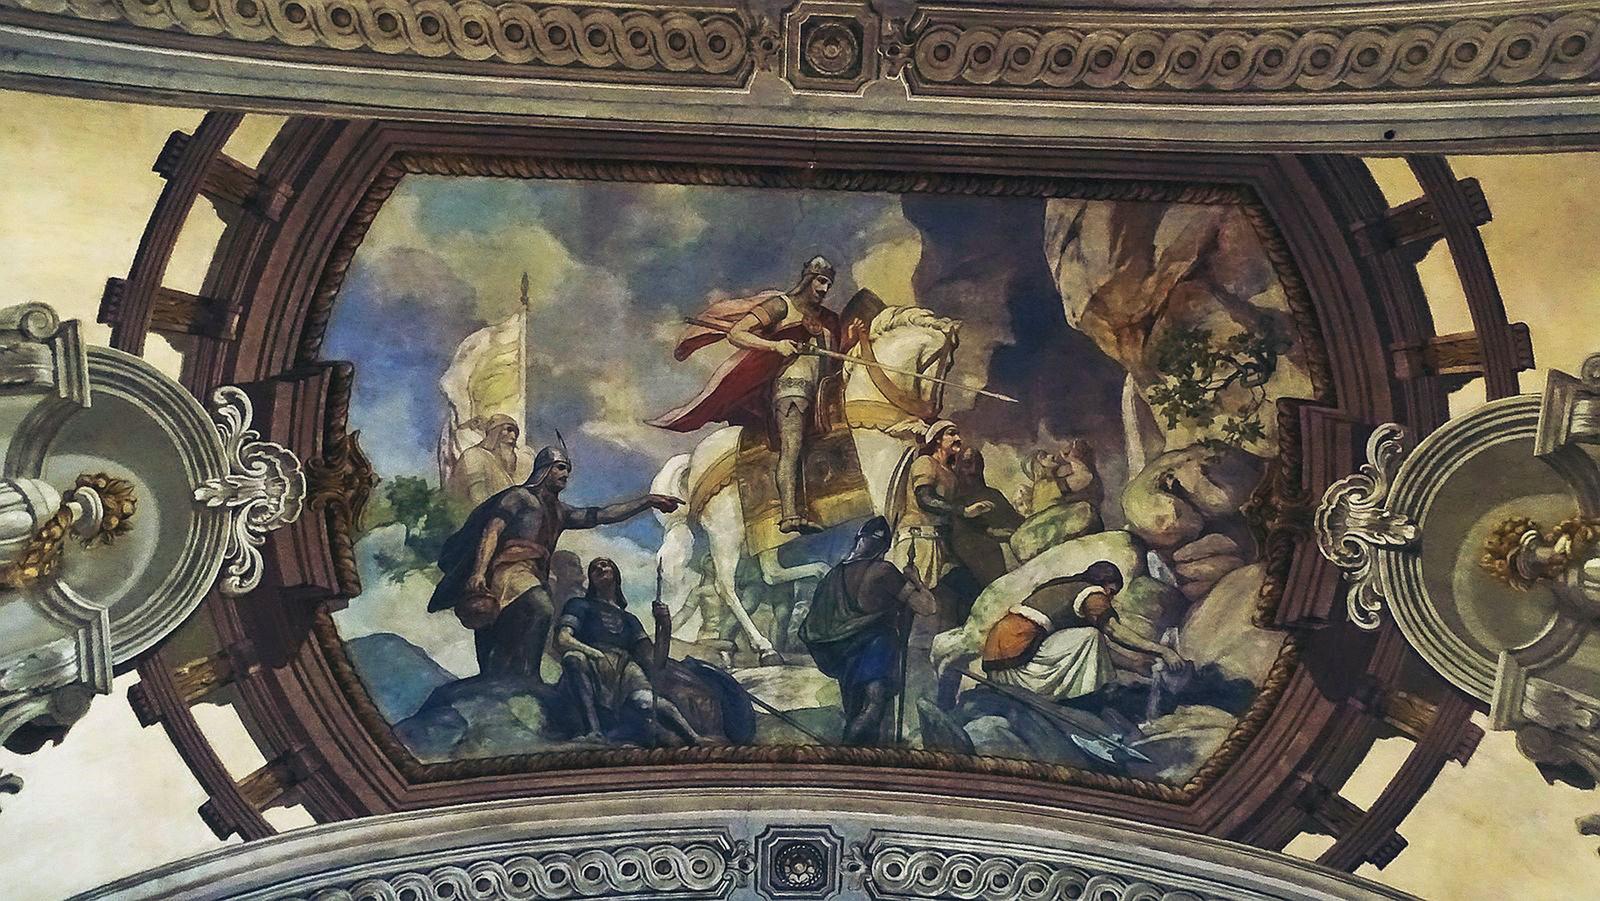 Szent László vízet fakaszt a sziklából